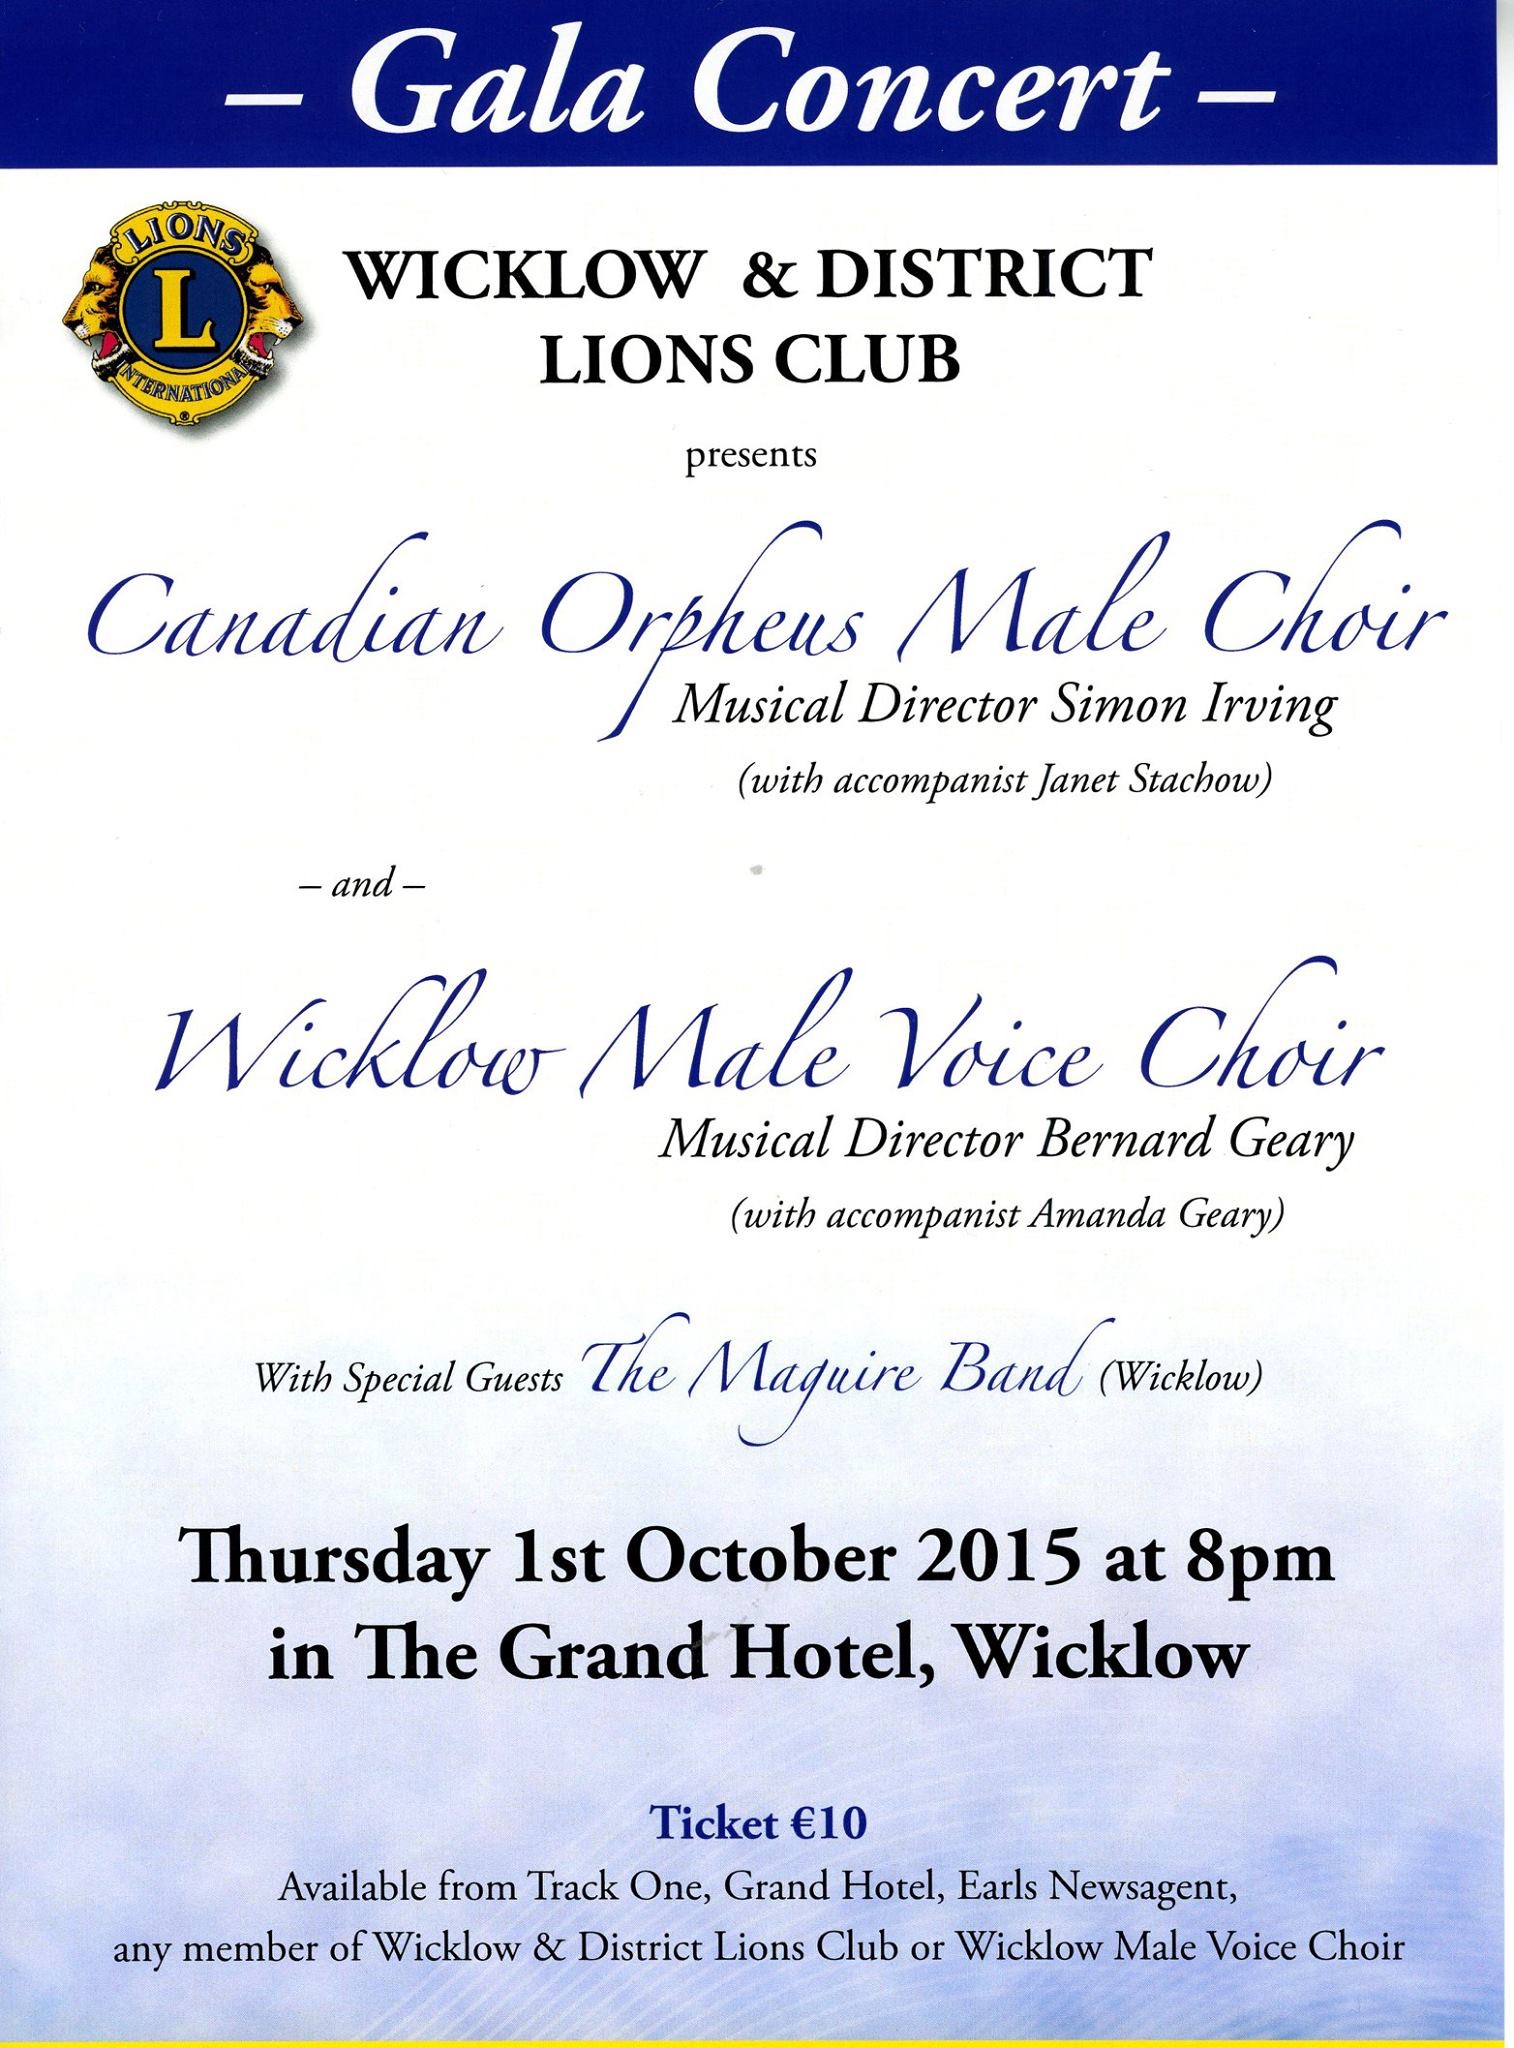 Lions Club Concert